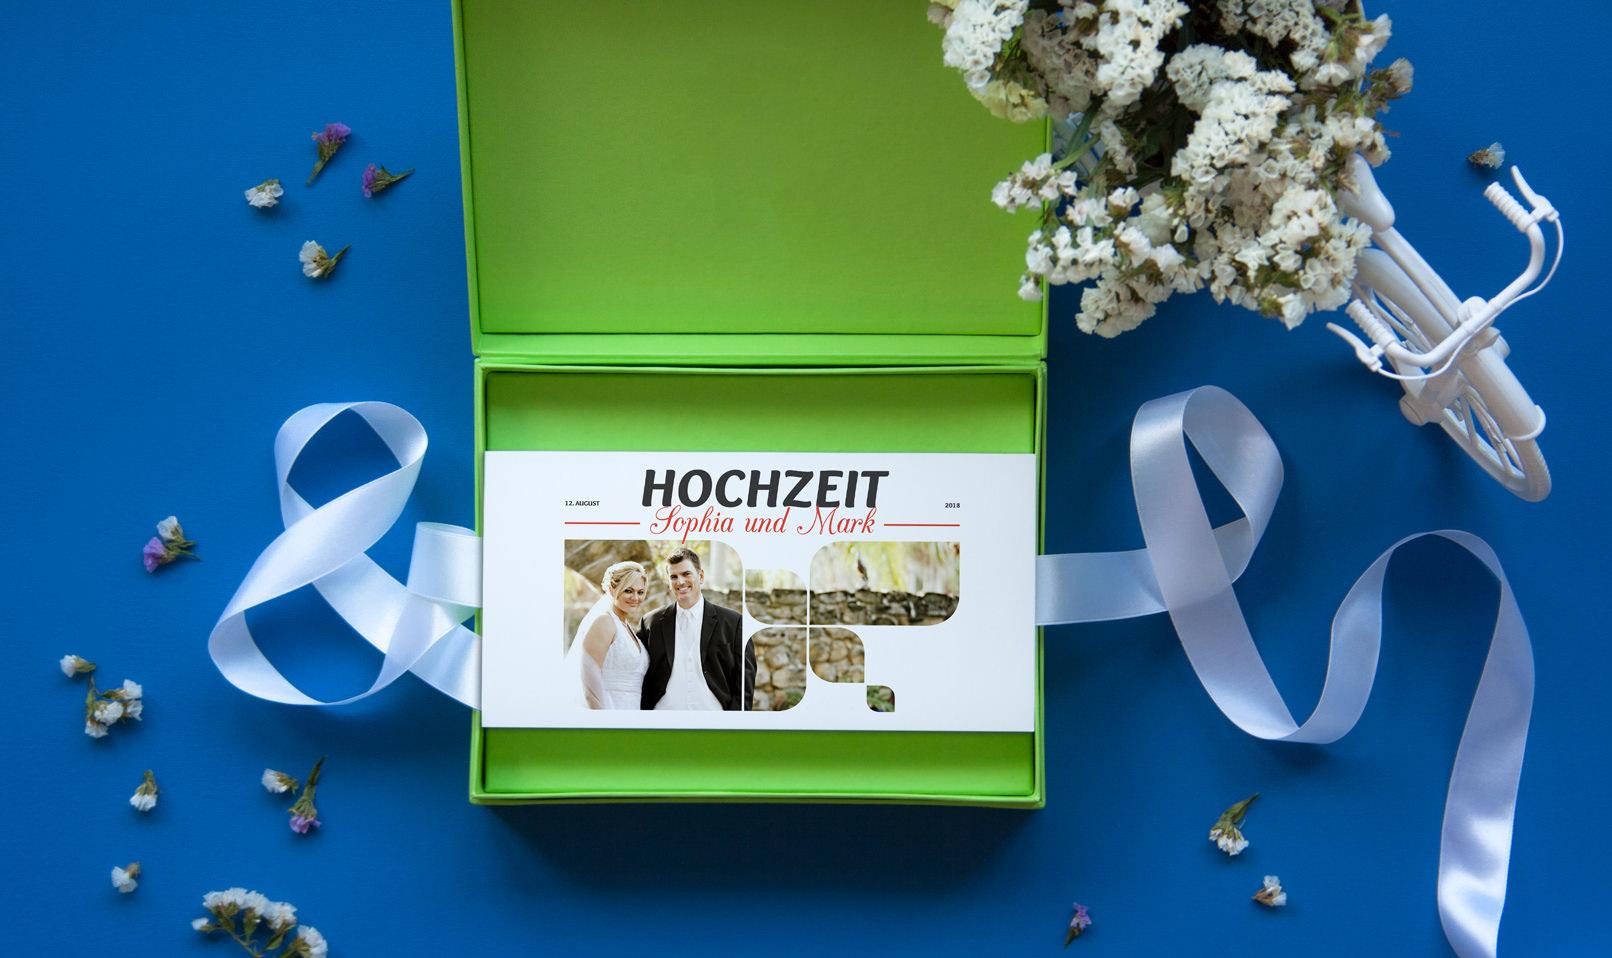 Mockup: Grüne Box mit Hochzeitseinladung, blauer Hintergrund